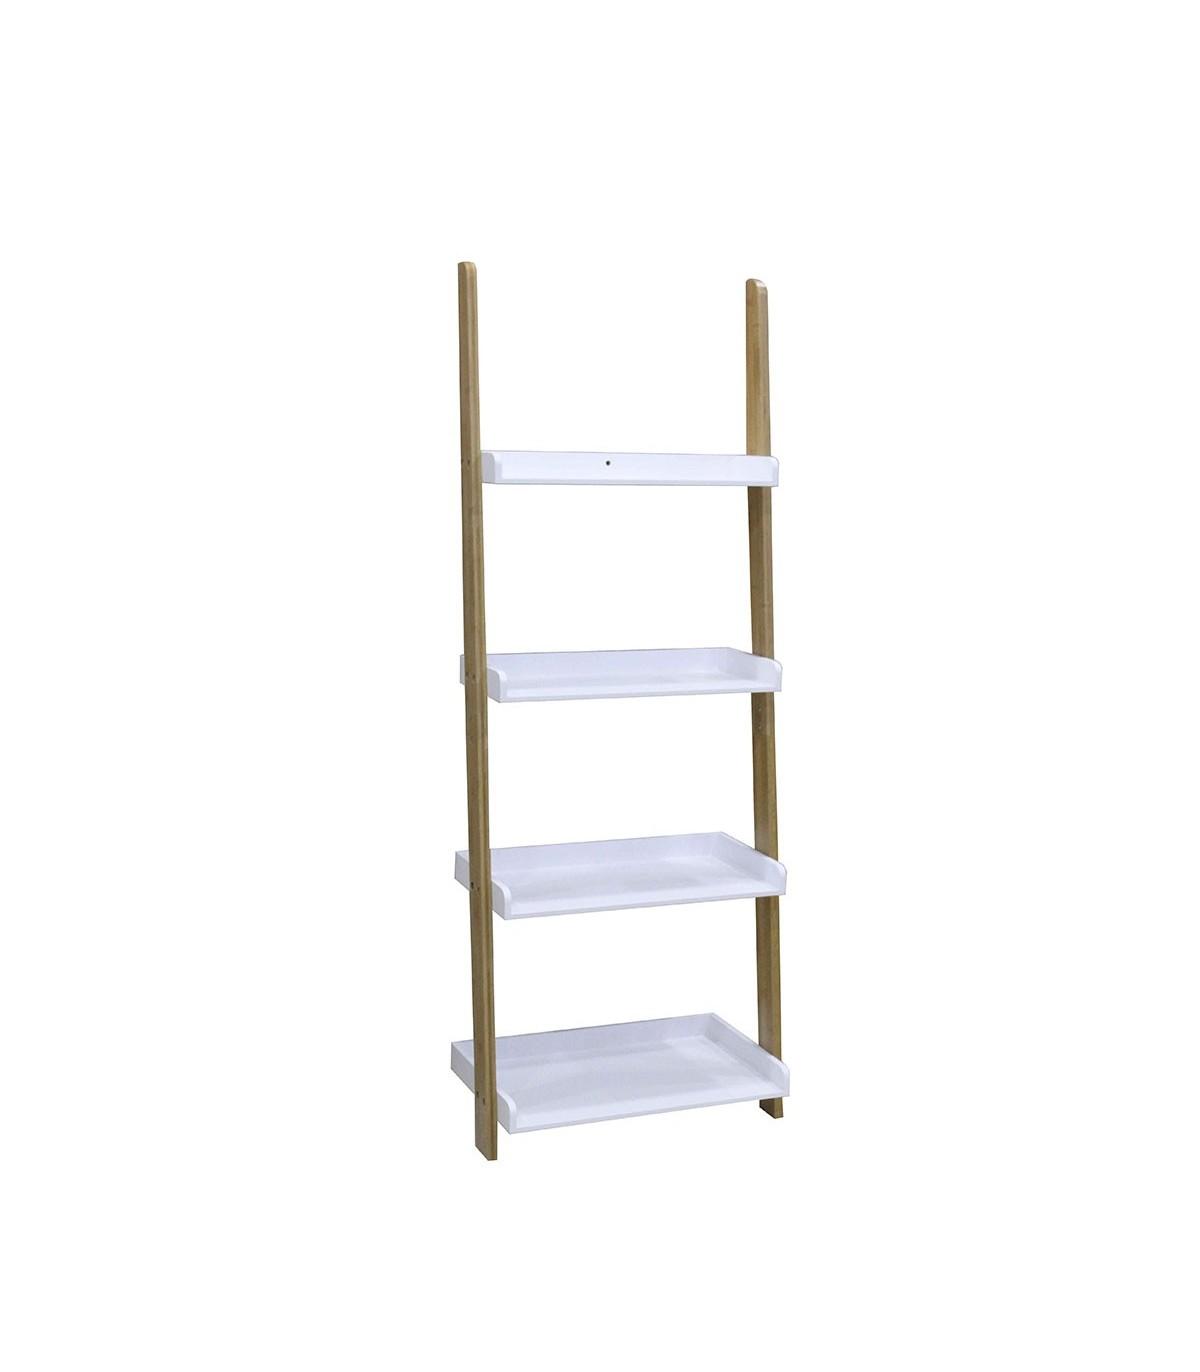 Étagère échelle 4 niveaux en bambou - Blanche